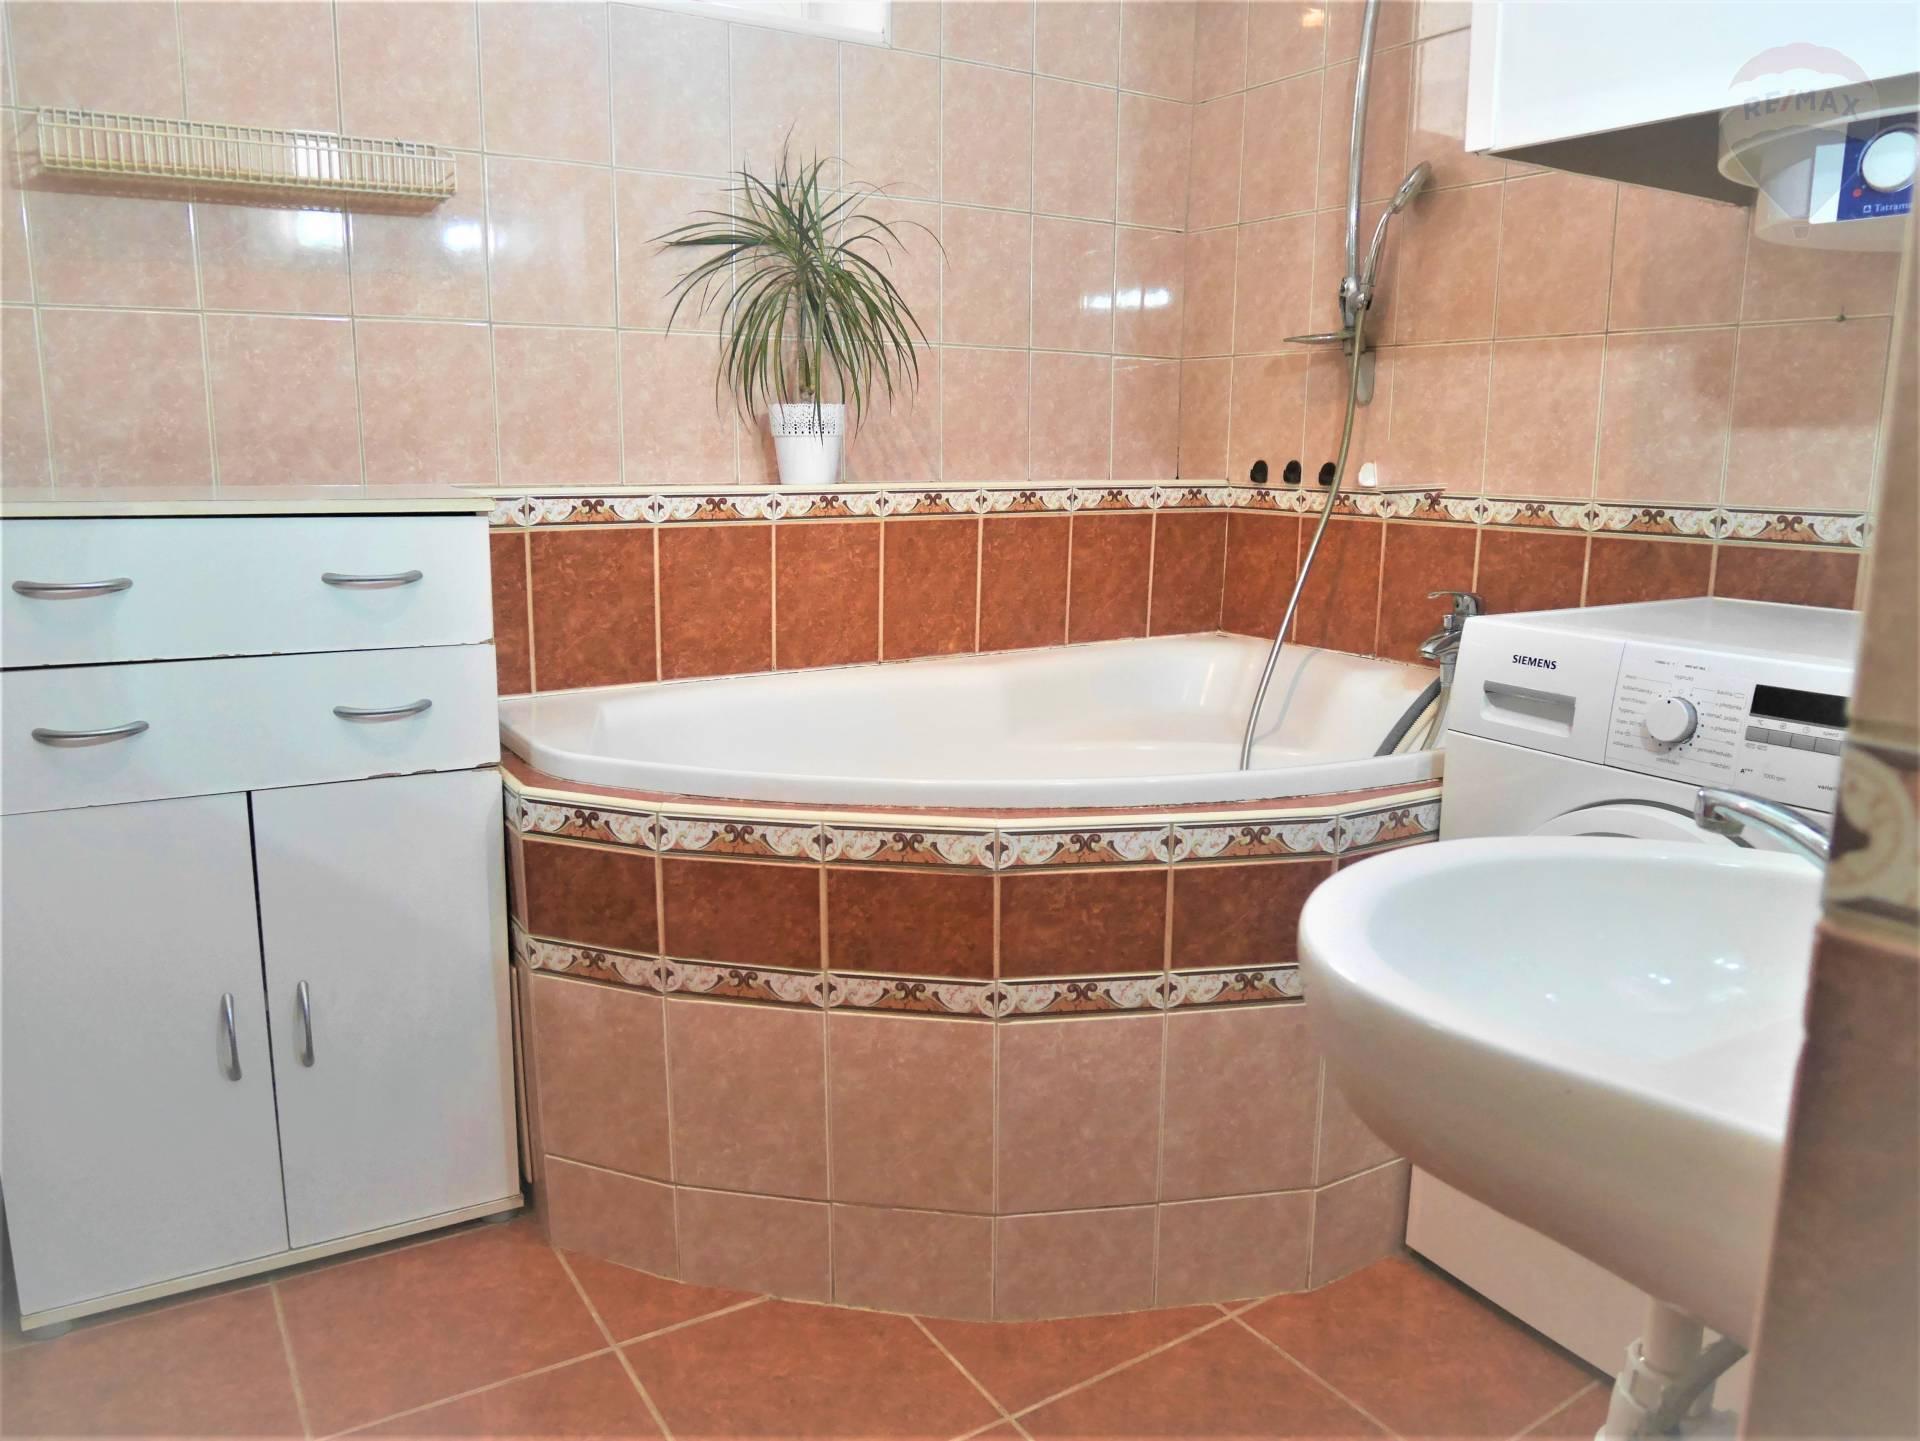 Predaj bytu (3 izbový) 69 m2, Prievidza - 3 izbový byt predaj Prievidza Katarina Racikova Remax 0910212992 osobný realitný maklér kúpa predaj nehnutelnosti